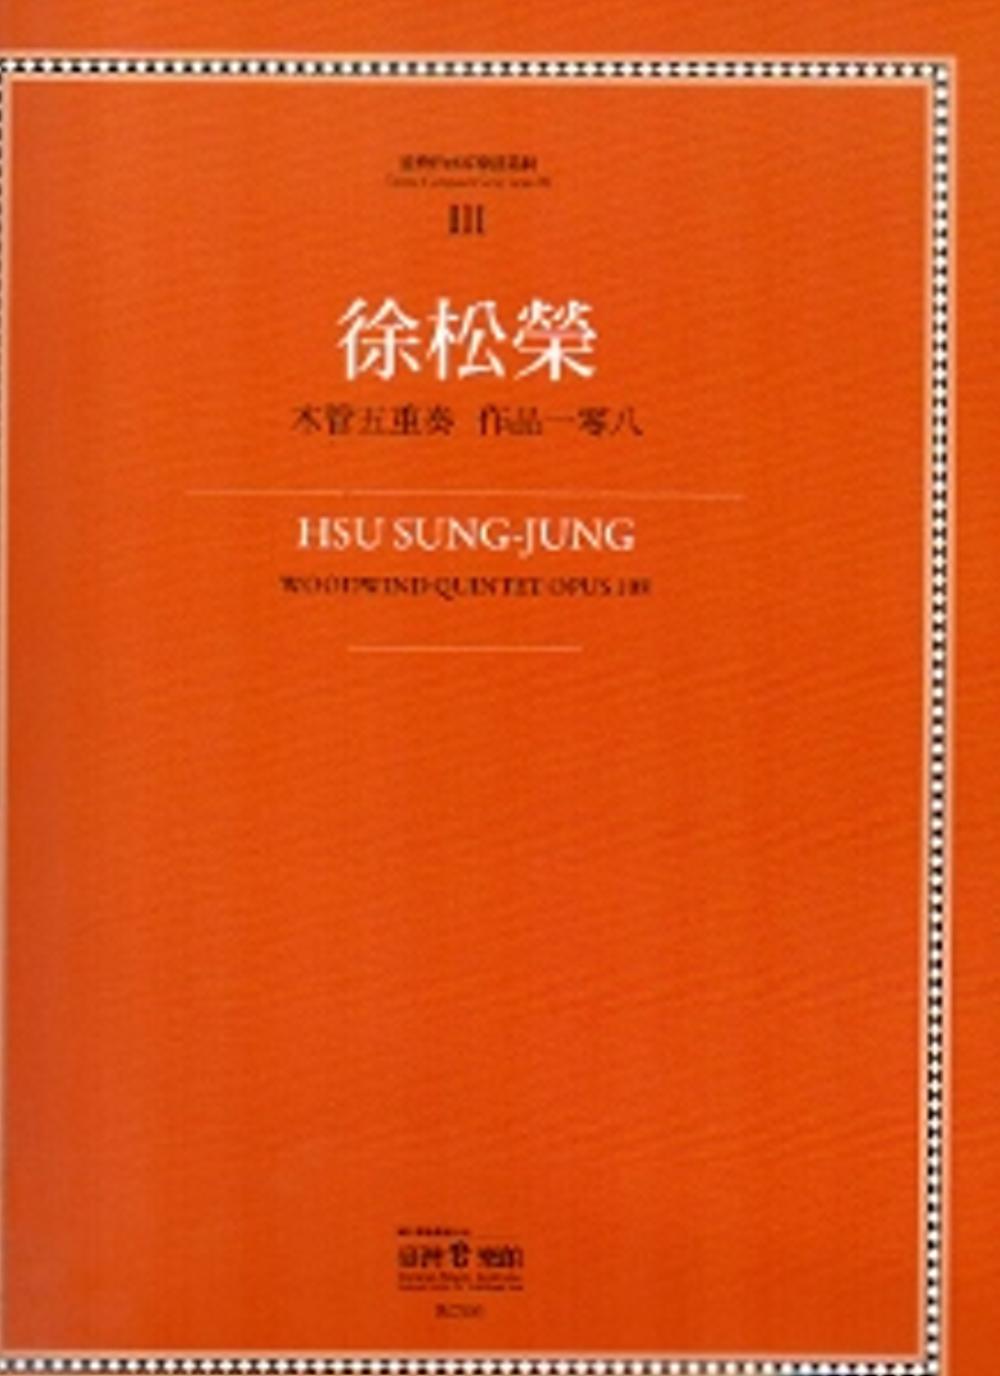 徐松榮:木管五重奏 作品一百〇八-臺灣作曲家樂譜叢集III